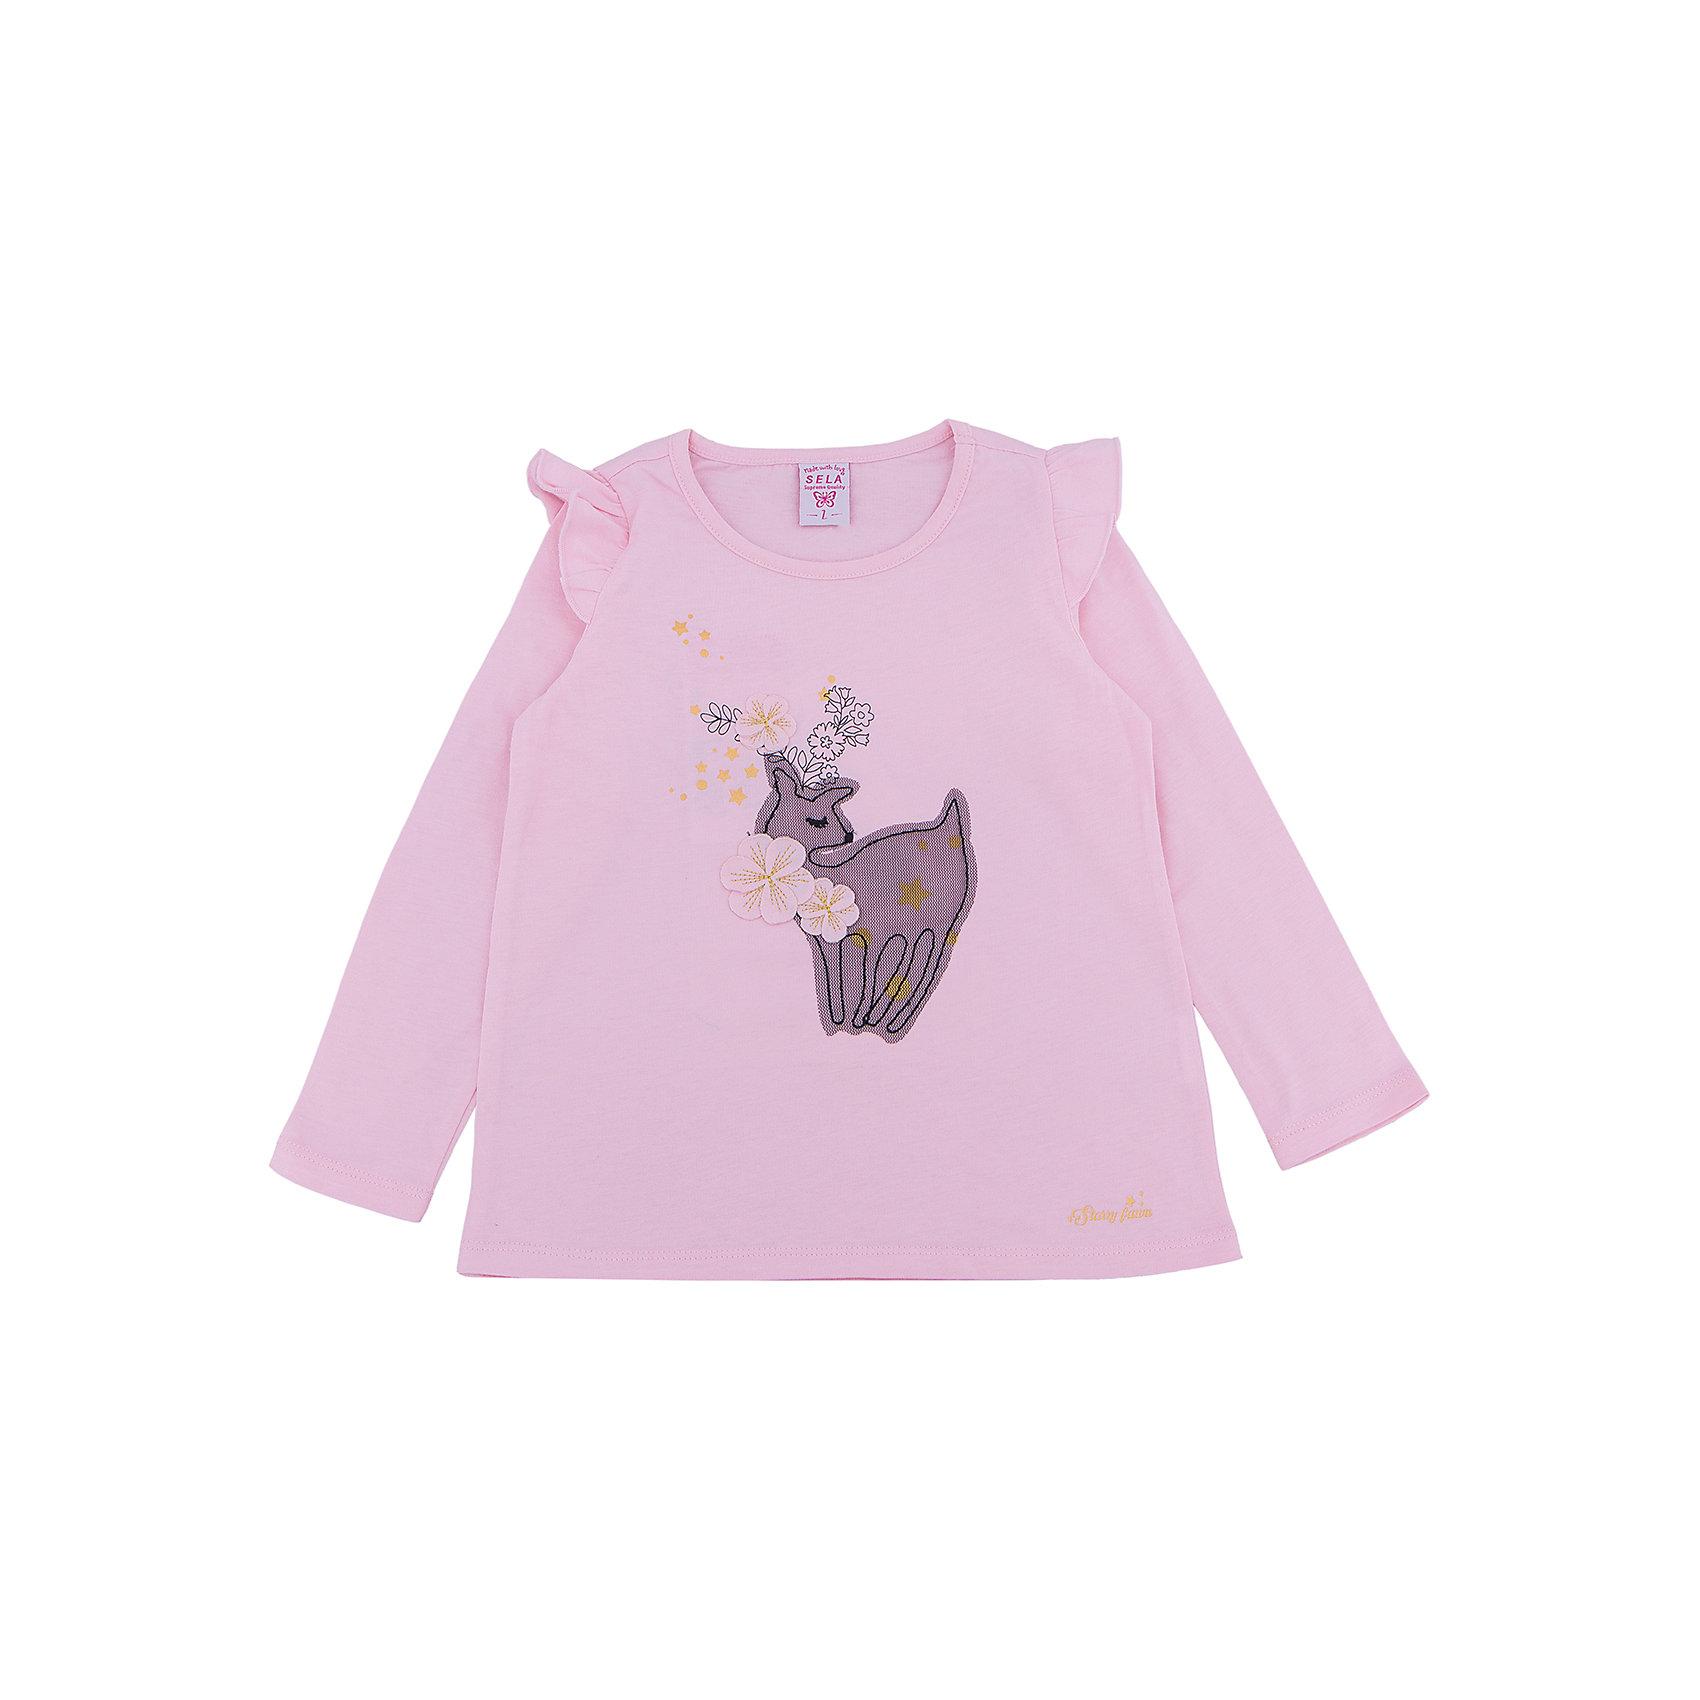 Футболка с длинным рукавом для девочки SELAФутболки с длинным рукавом<br>Лонгслив для девочки SELA<br><br>Характеристики:<br><br>- Цвет: розовый.<br>- Силуэт: расширенный к низу.<br>- Состав: 100% хлопок.<br><br><br>Лонгслив для девочки от признанного лидера по созданию коллекций одежды в стиле casual – SELA. Стильный лонгслив розового цвета украшен золотистым принтом, а также нежной аппликацией. Рукава декорированы «крылышками». Изделие выполнено из высококачественного натурального хлопка, дышащего, очень мягкого и приятного к телу.<br>В таком лонгсливе ваша девочка будет чувствовать себя комфортно и тепло, при этом будет выглядеть стильно и модно!<br><br>Лонгслив для девочки SELA, можно купить в нашем интернет - магазине.<br><br>Ширина мм: 190<br>Глубина мм: 74<br>Высота мм: 229<br>Вес г: 236<br>Цвет: розовый<br>Возраст от месяцев: 60<br>Возраст до месяцев: 72<br>Пол: Женский<br>Возраст: Детский<br>Размер: 116,92,98,104,110<br>SKU: 5079042